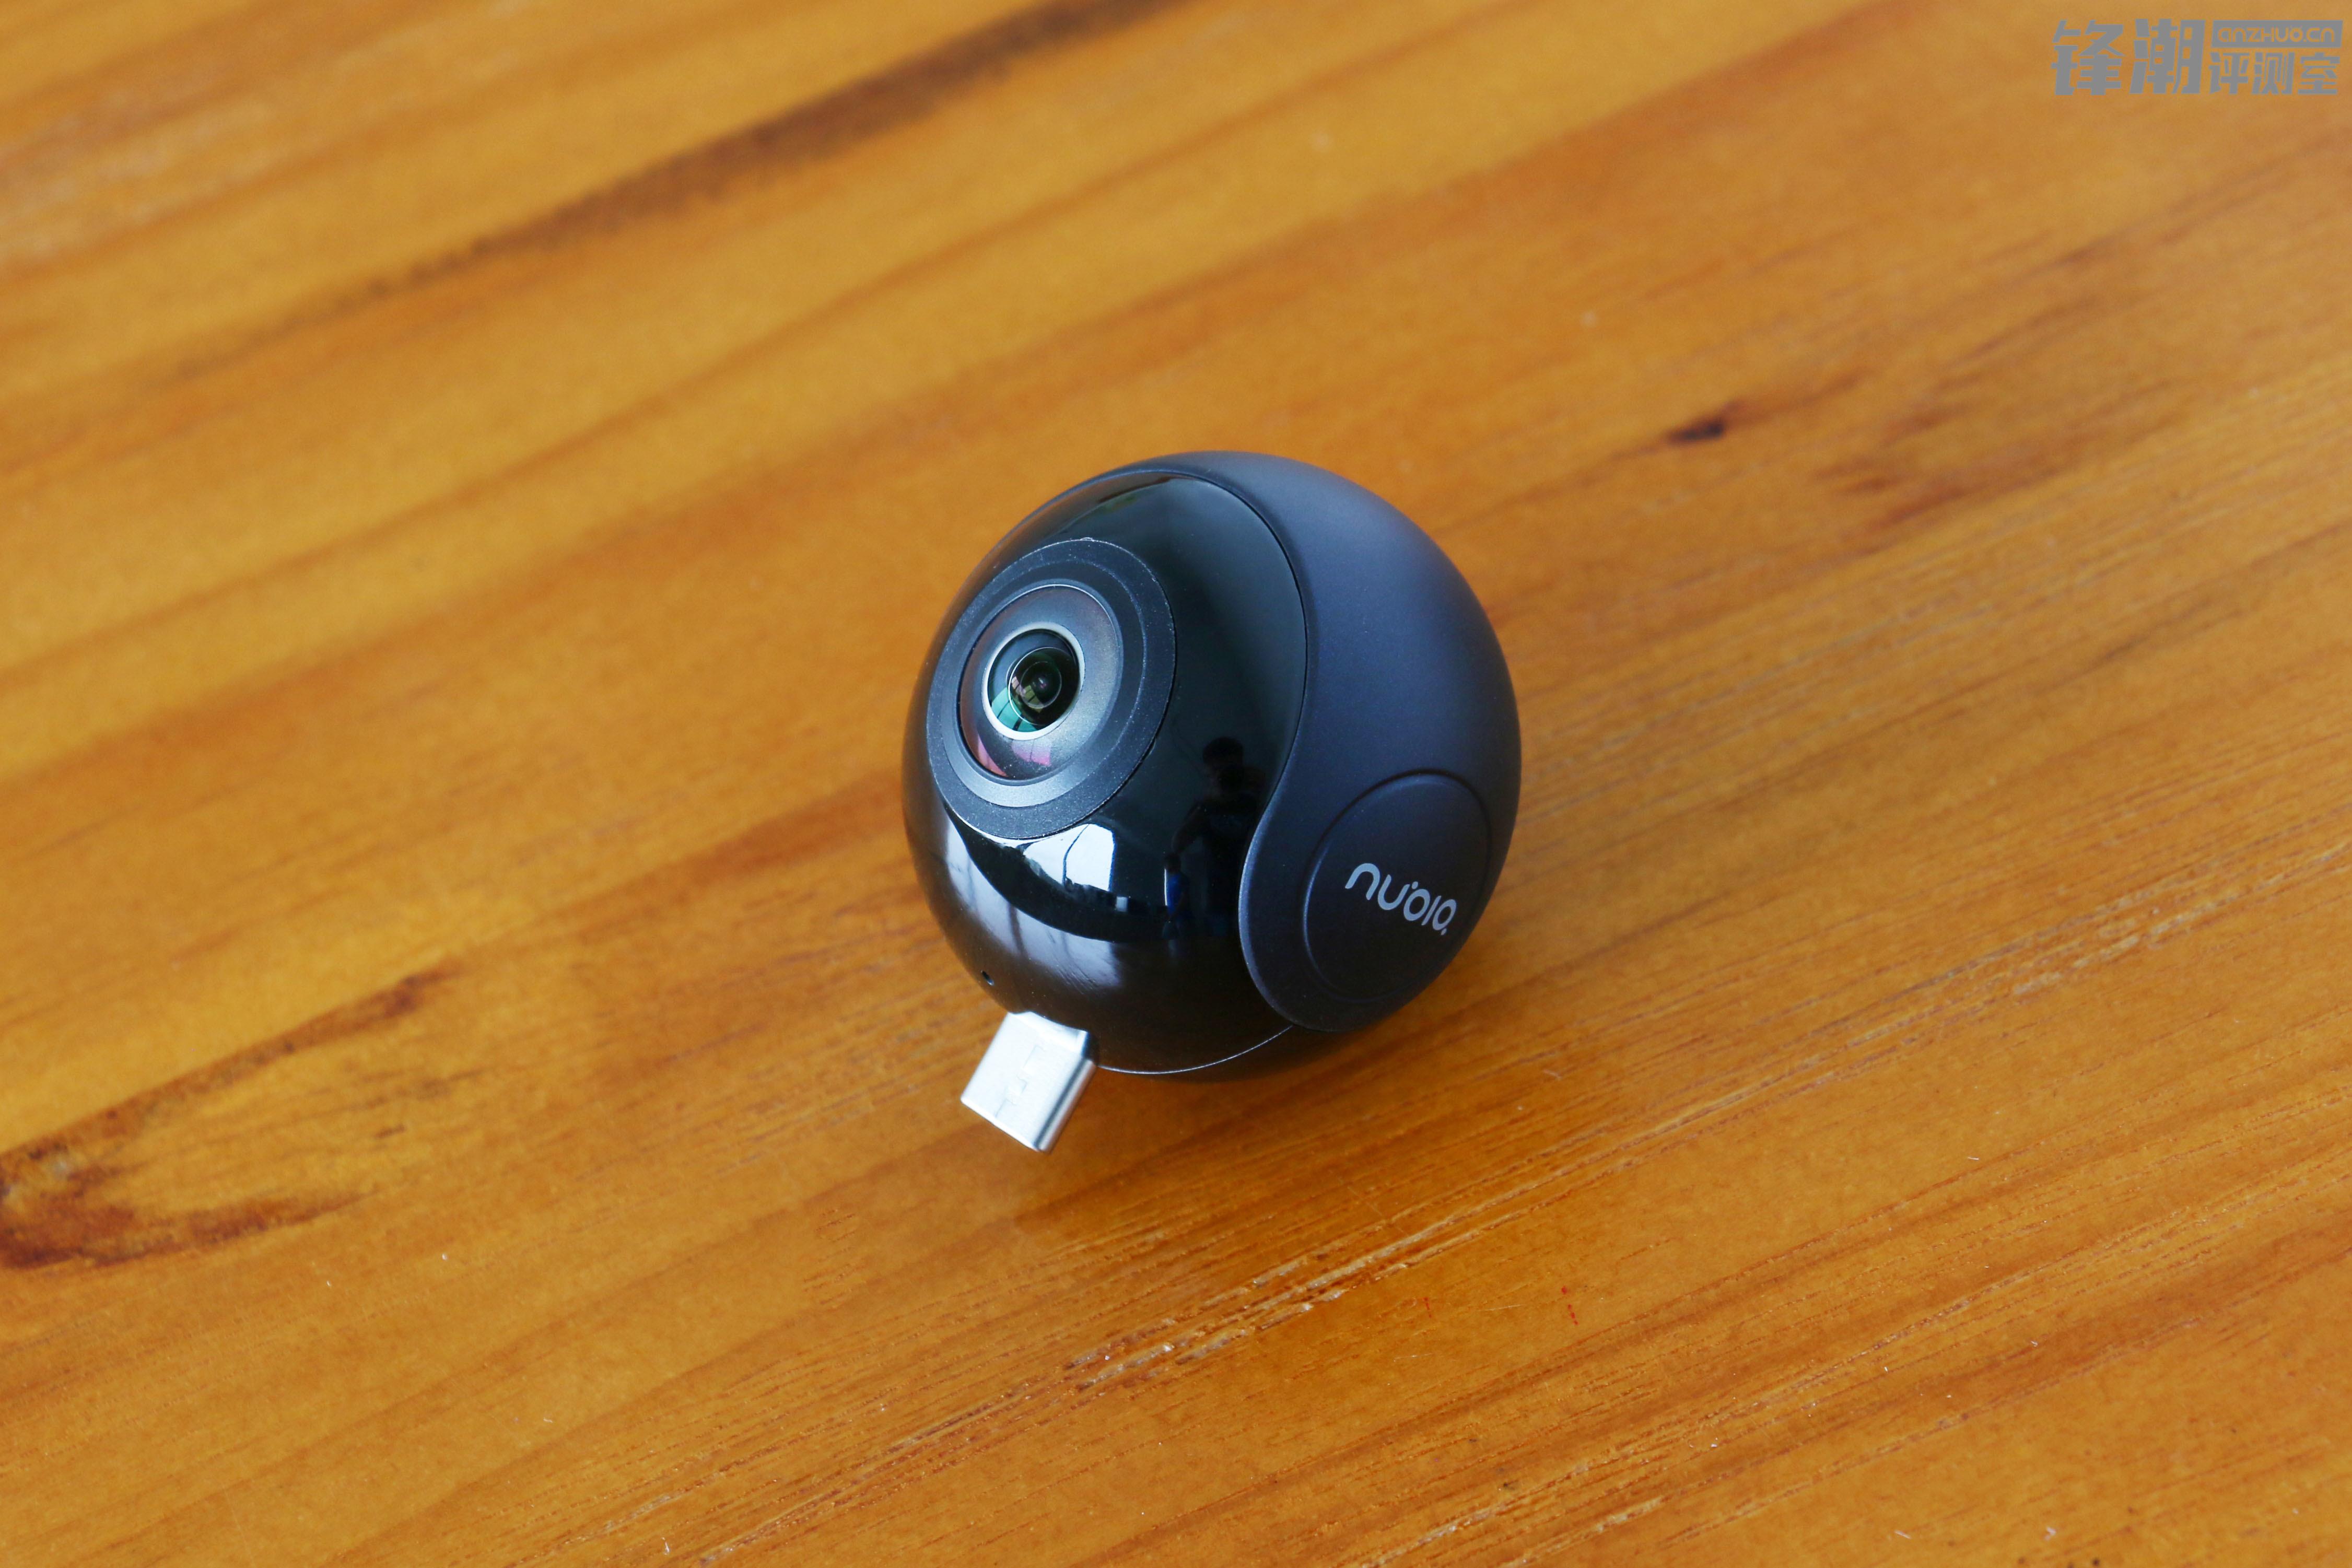 【力皮西】新颖得让人记忆犹新:努比亚NeoAir相机评测